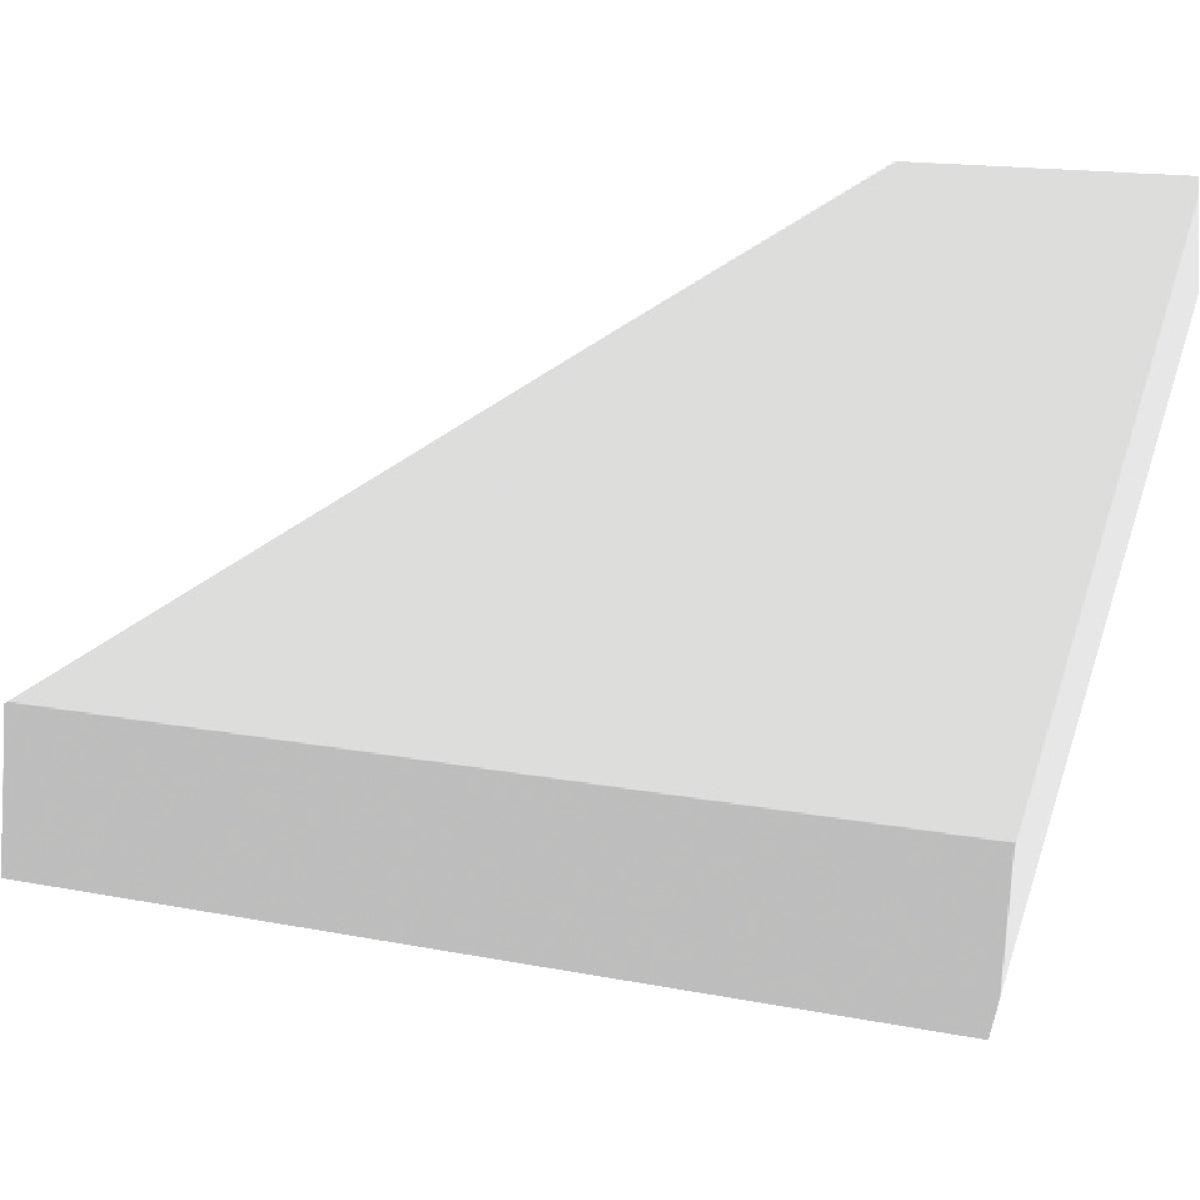 1X6-12' WHT TRIM BOARD - 07721200986 by Gossen Corp